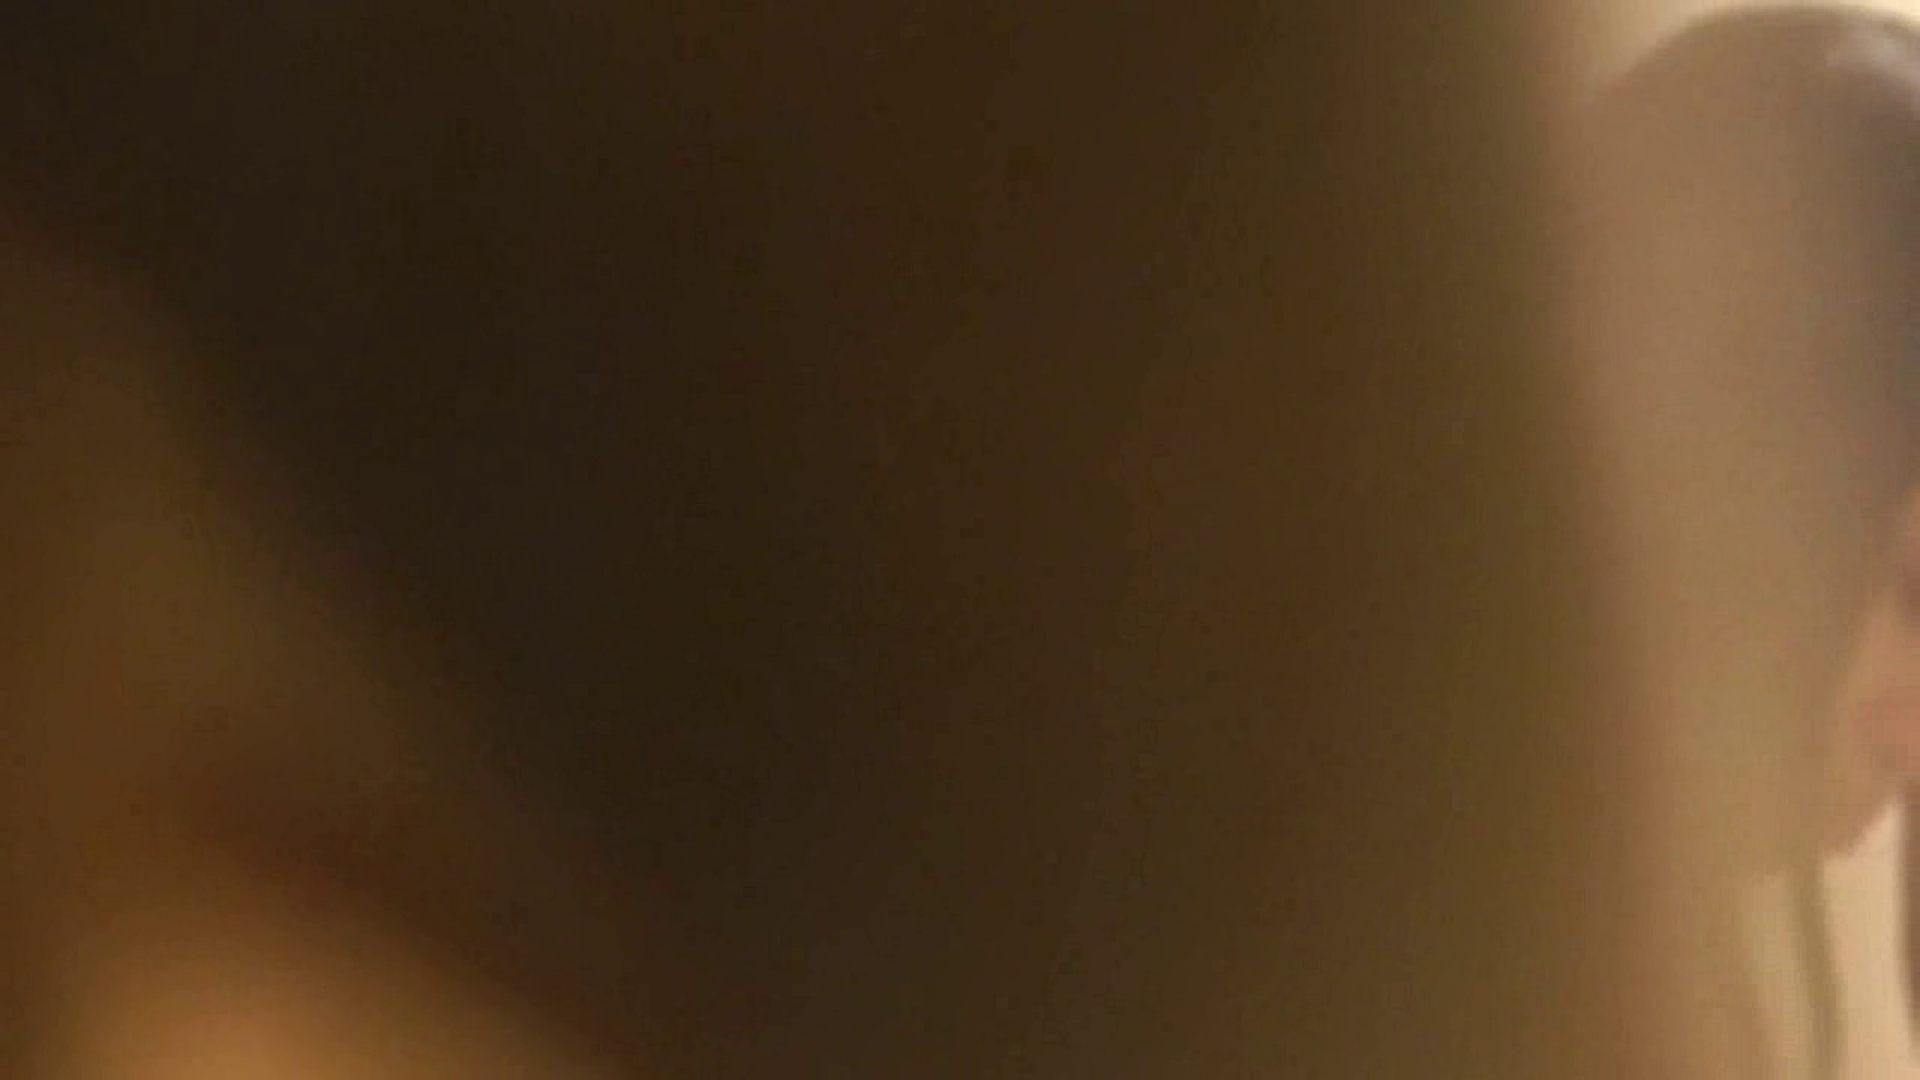 おまんこ丸見え|vol.1 Mayumi 窓越しに入浴シーン撮影に成功|怪盗ジョーカー